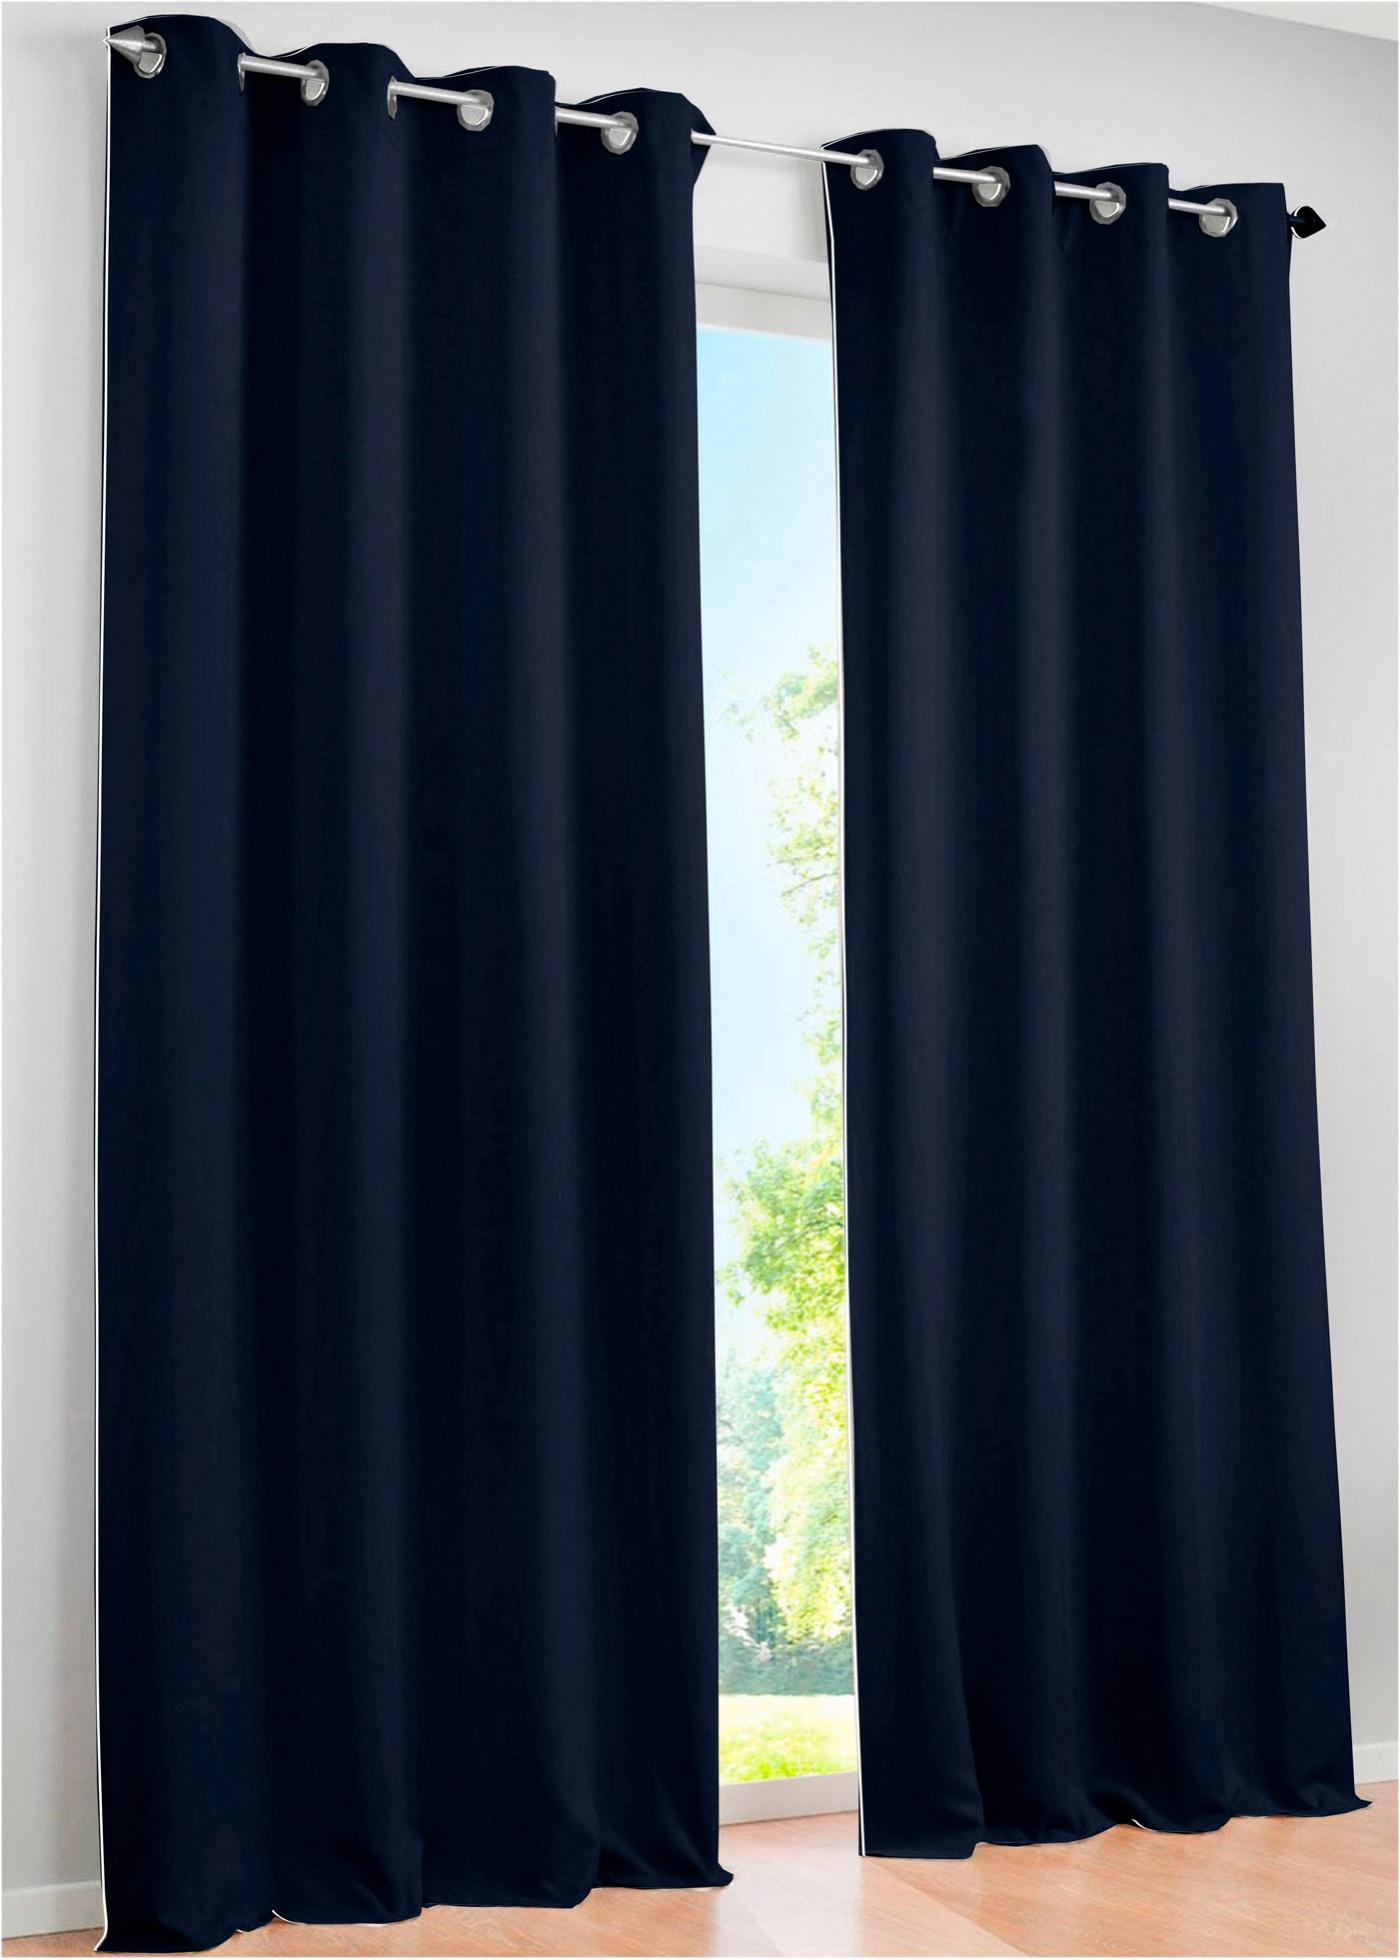 Sötétítő függöny (1 db)